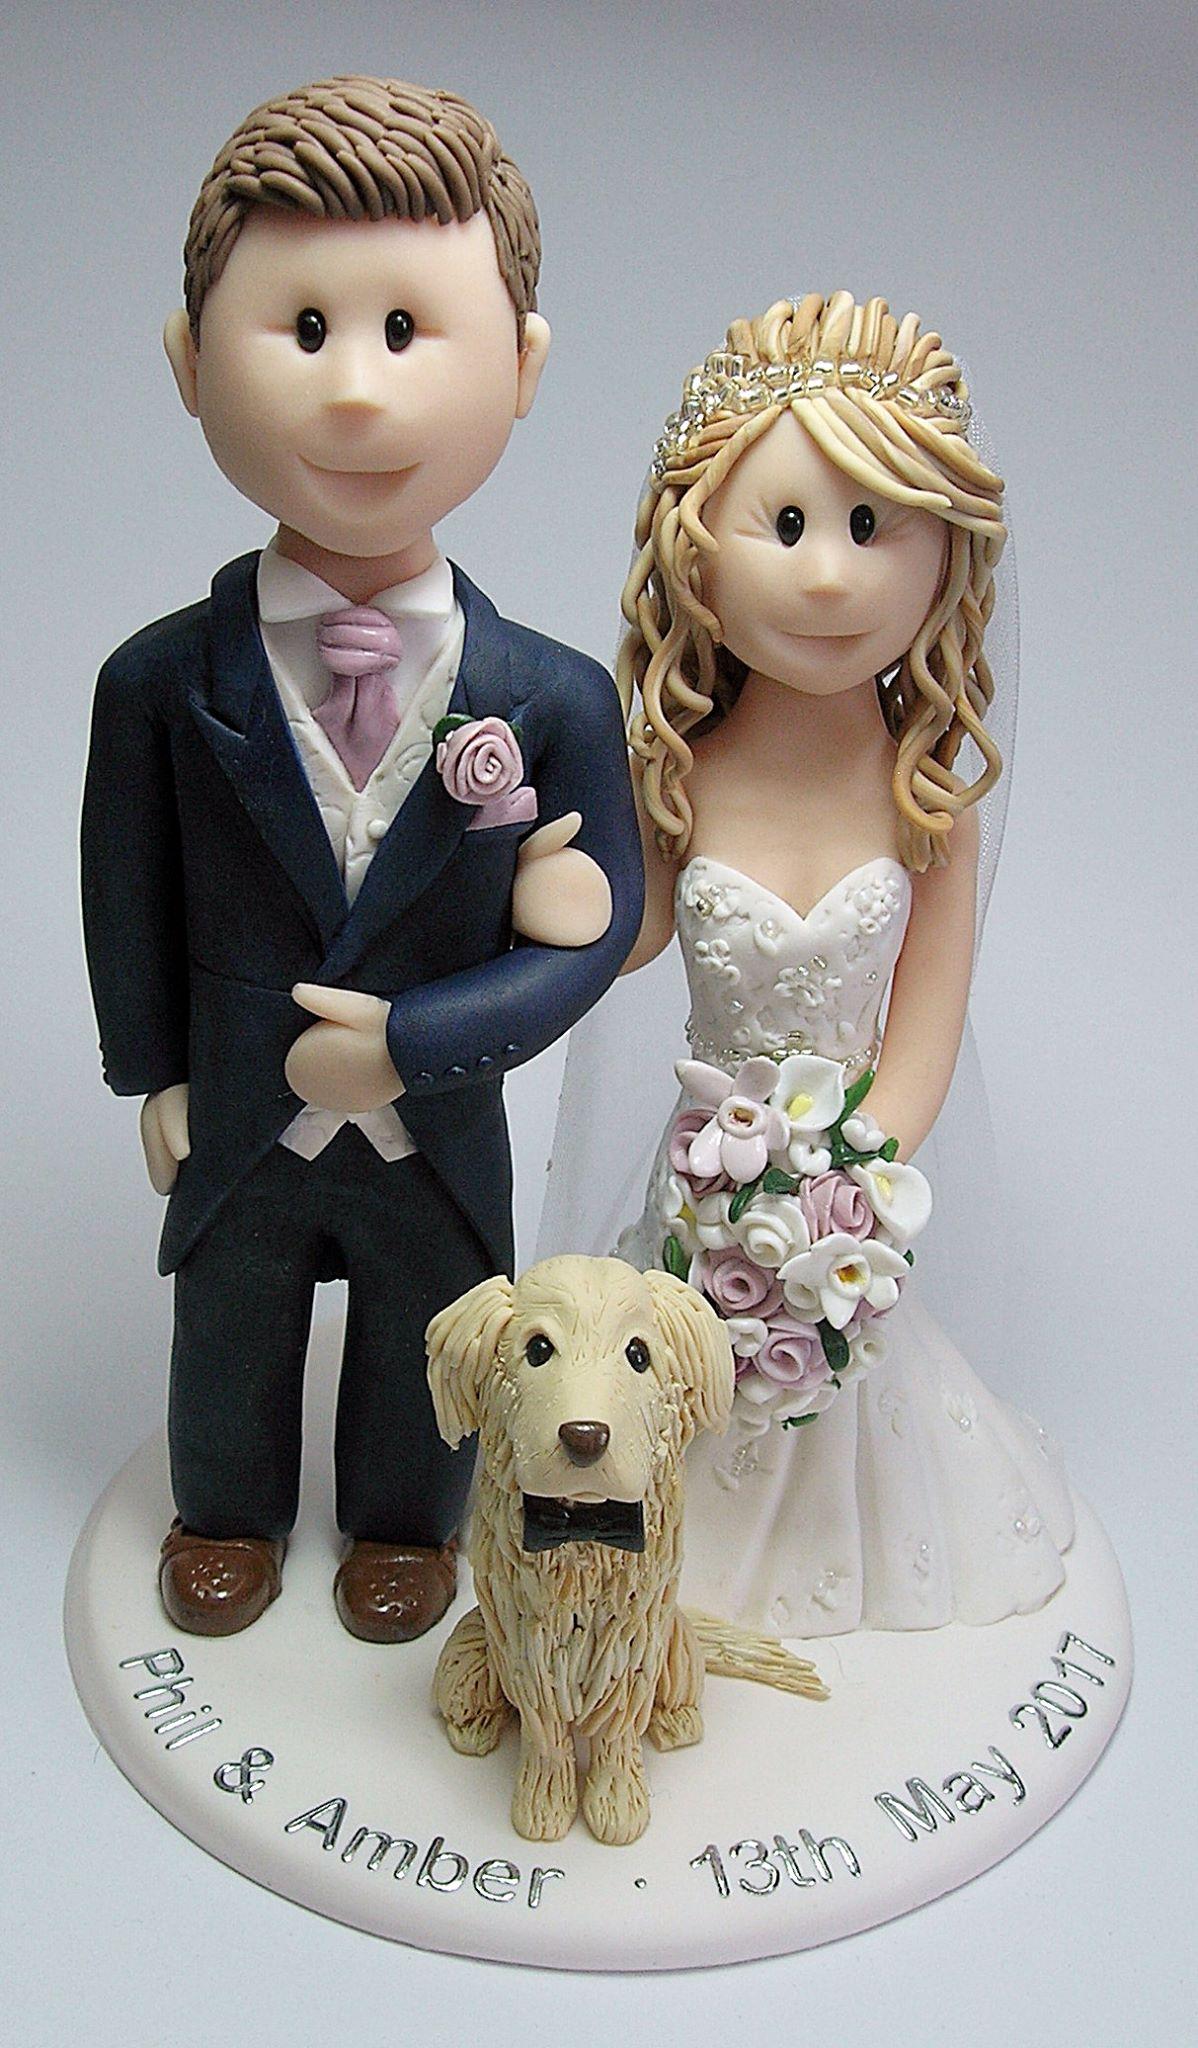 Golden Retriever Wedding Cake Topper Golden Retriever Cake Topper Cake Designs Birthday Fondant Dog